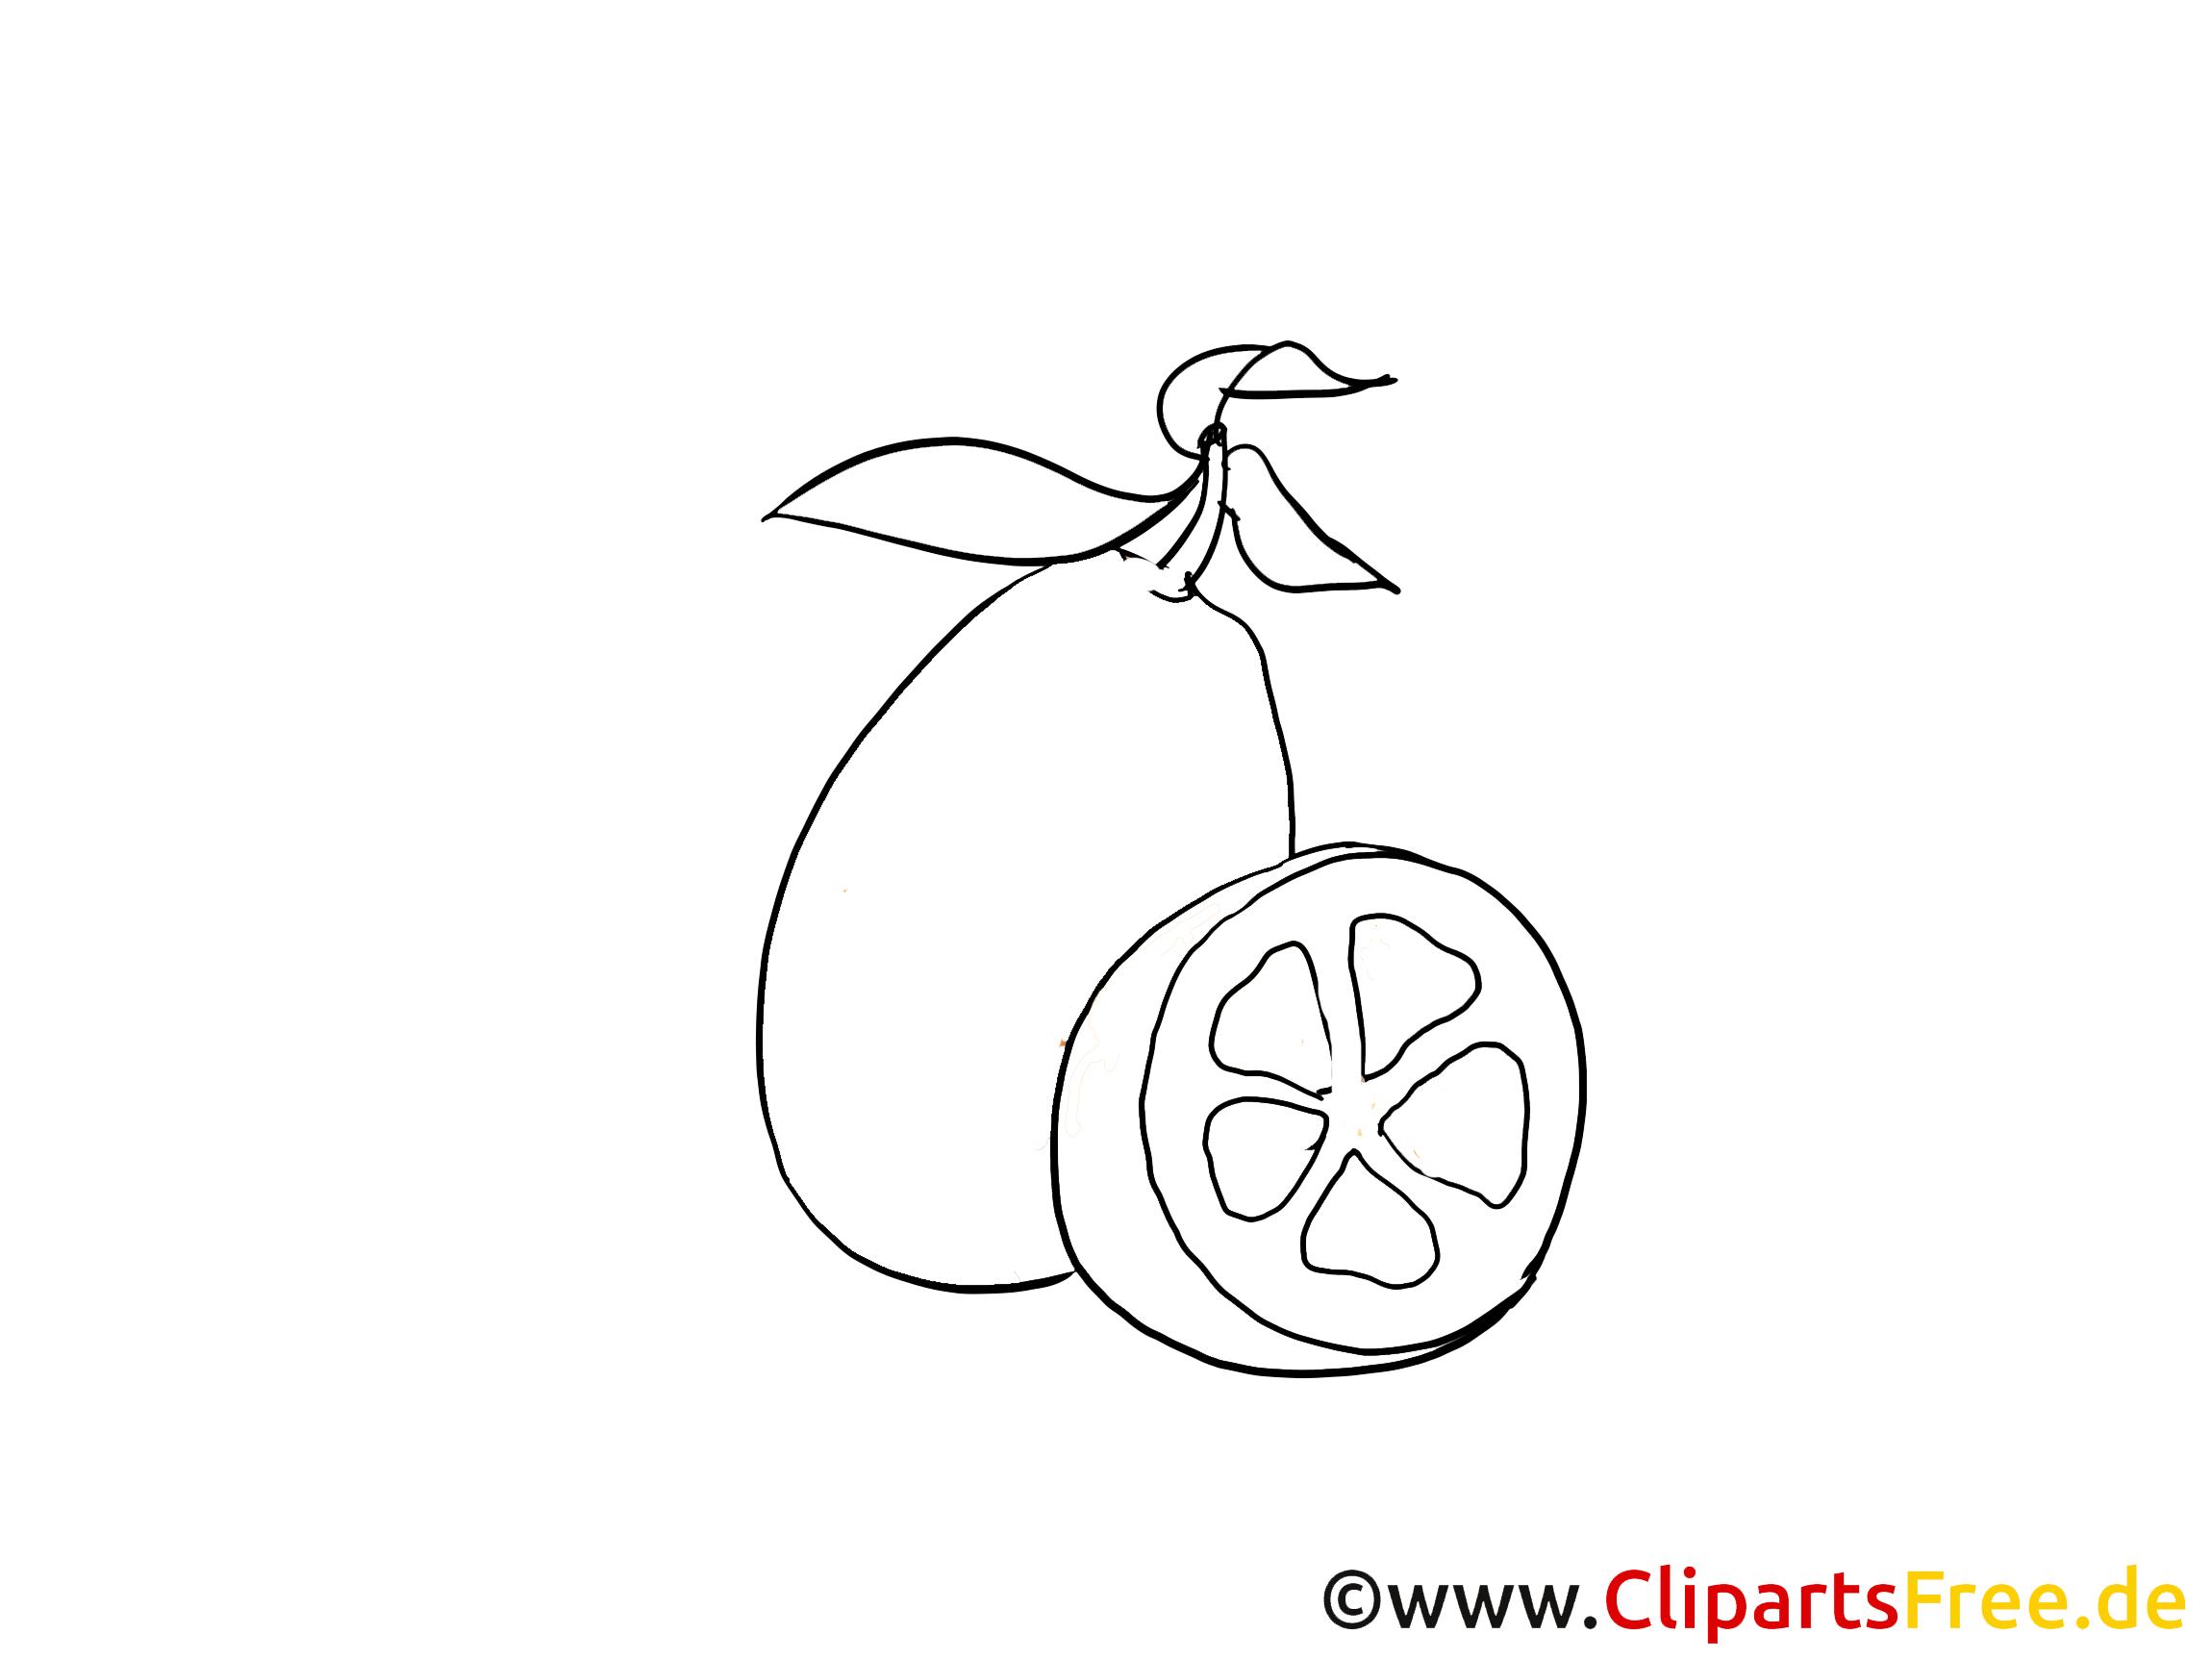 Fruits citron illustration à imprimer gratuite